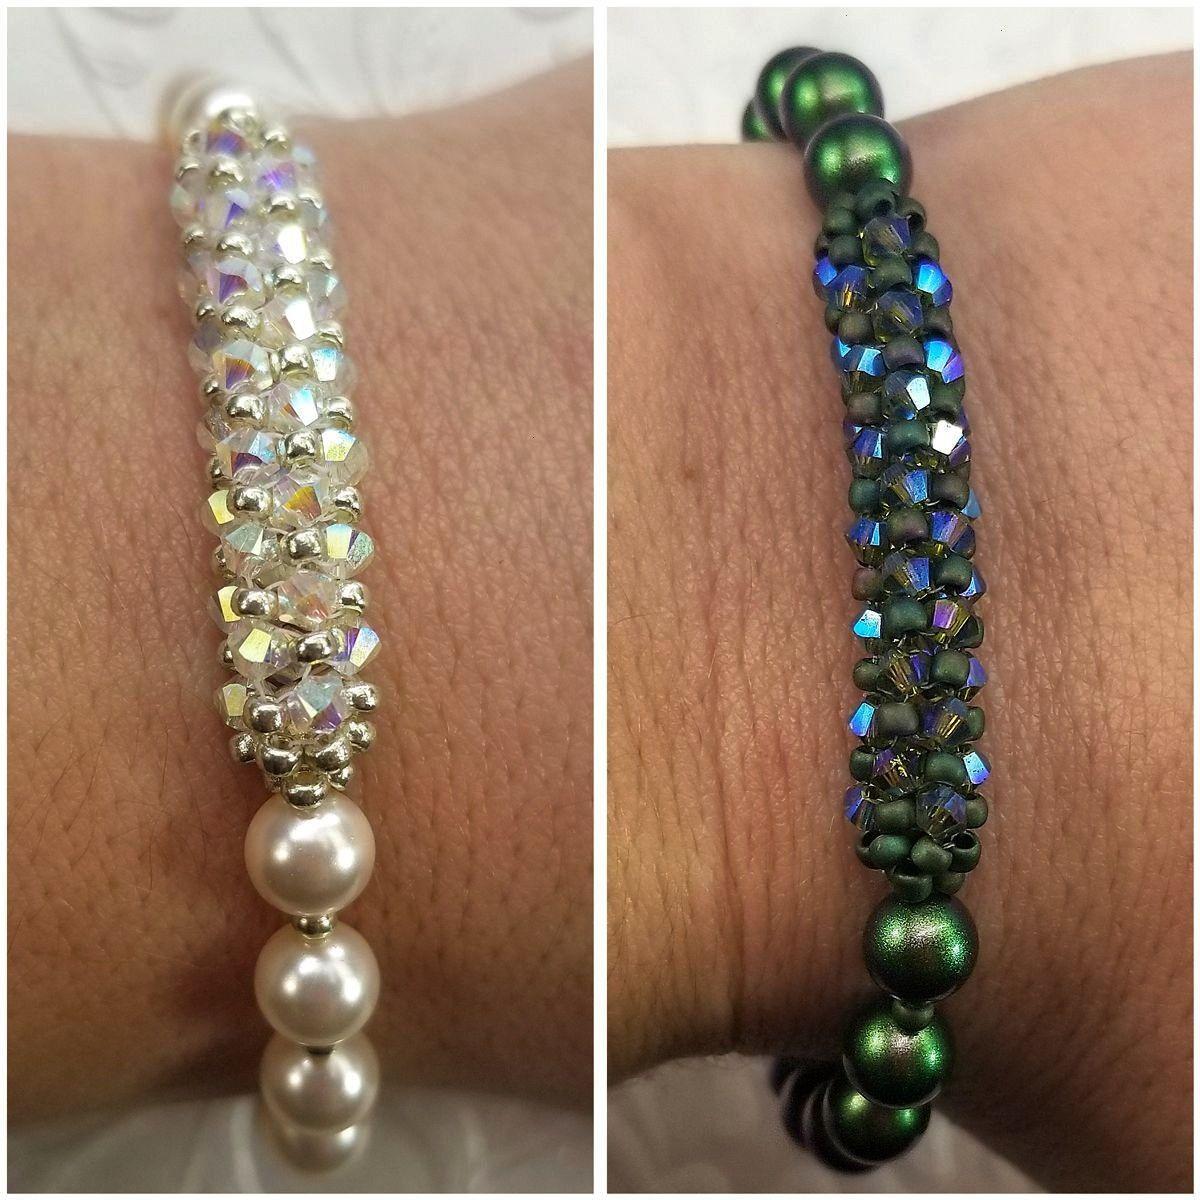 Swarovski Crystal  Pearl Bracelet VIDEO TUTORIAL  Pavé Swarovski Crystal  Pearl Bracelet by Leah Wyckoff  Eureka Crystal Beads Pavé Swarovski Crystal  Pearl...